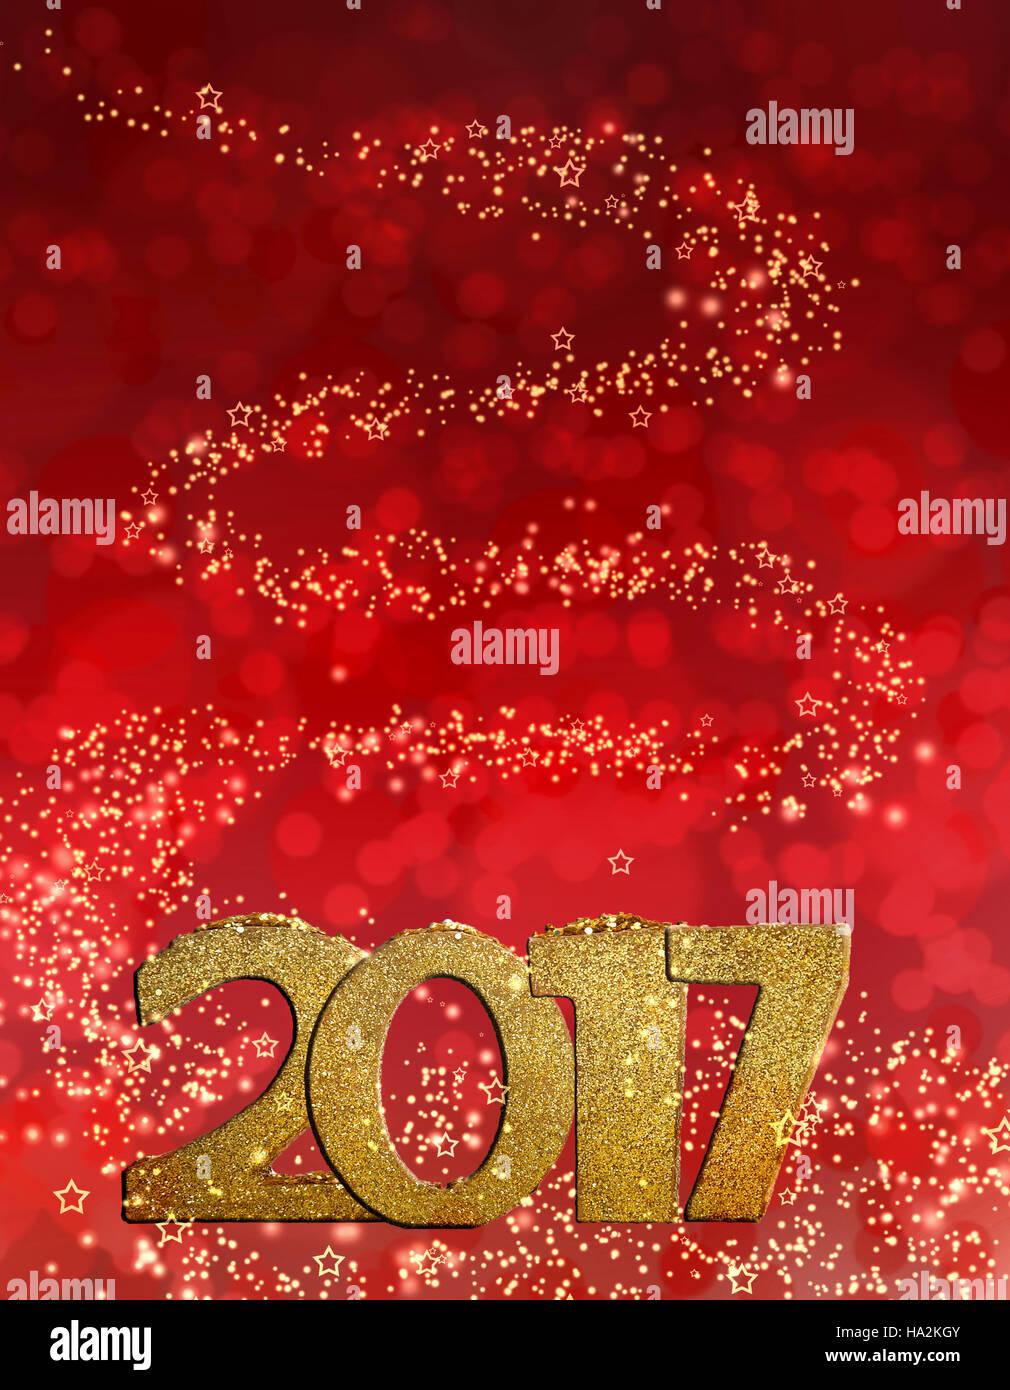 Golden figure 2017 su luci luminose sullo sfondo Immagini Stock